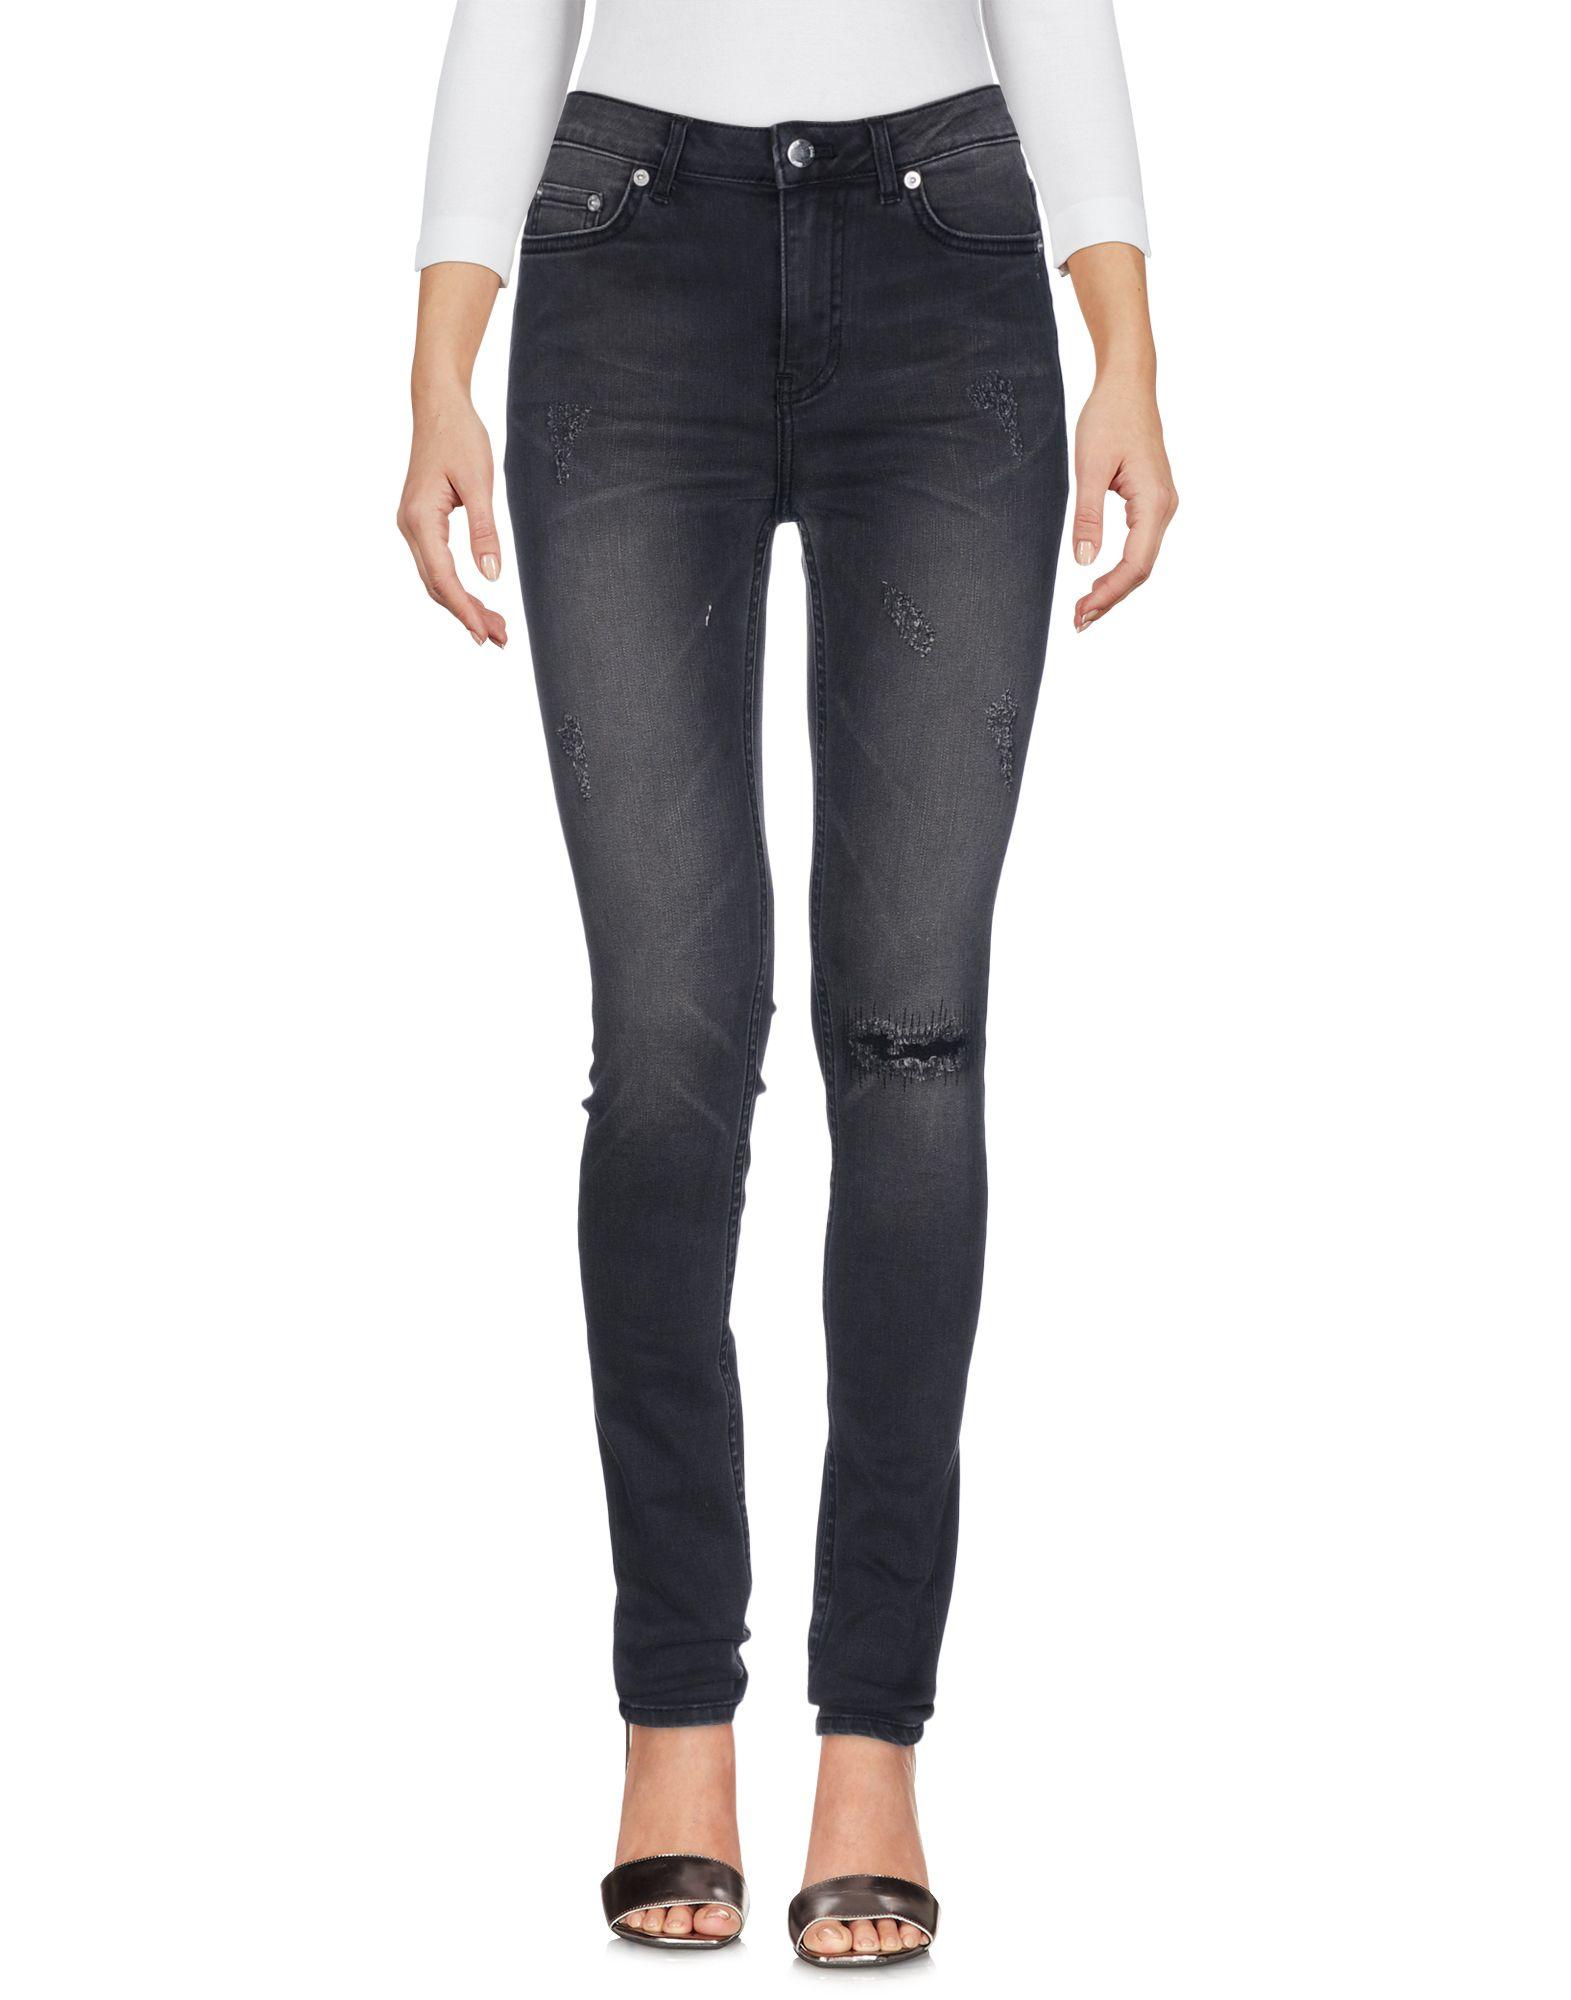 ФОТО blk dnm джинсовые брюки